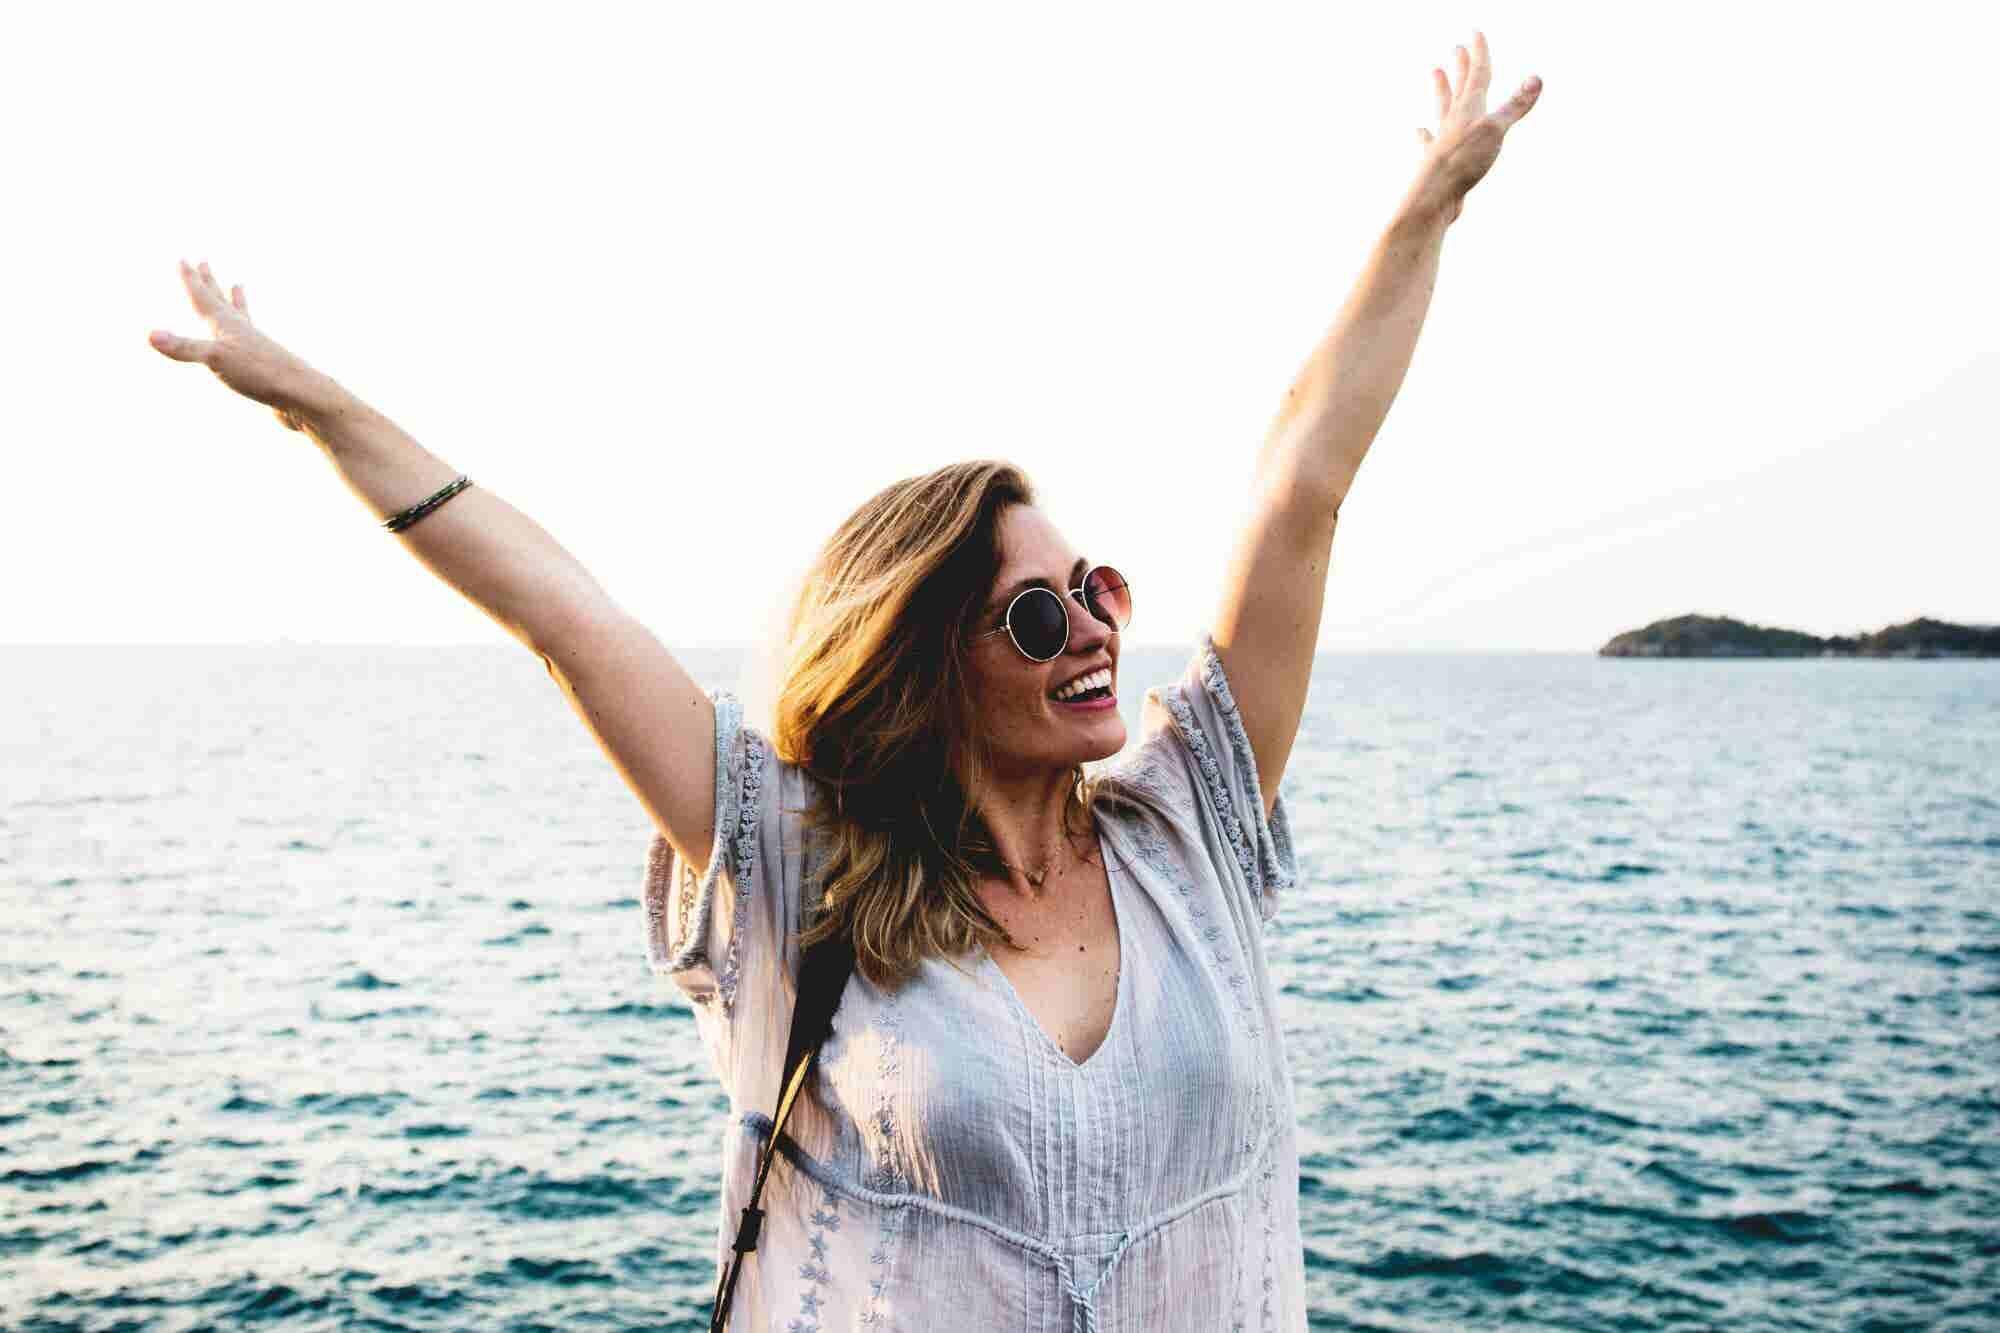 Si fue una de 'esas' semanas, te dejamos 5 tips para recuperar tu energ铆a